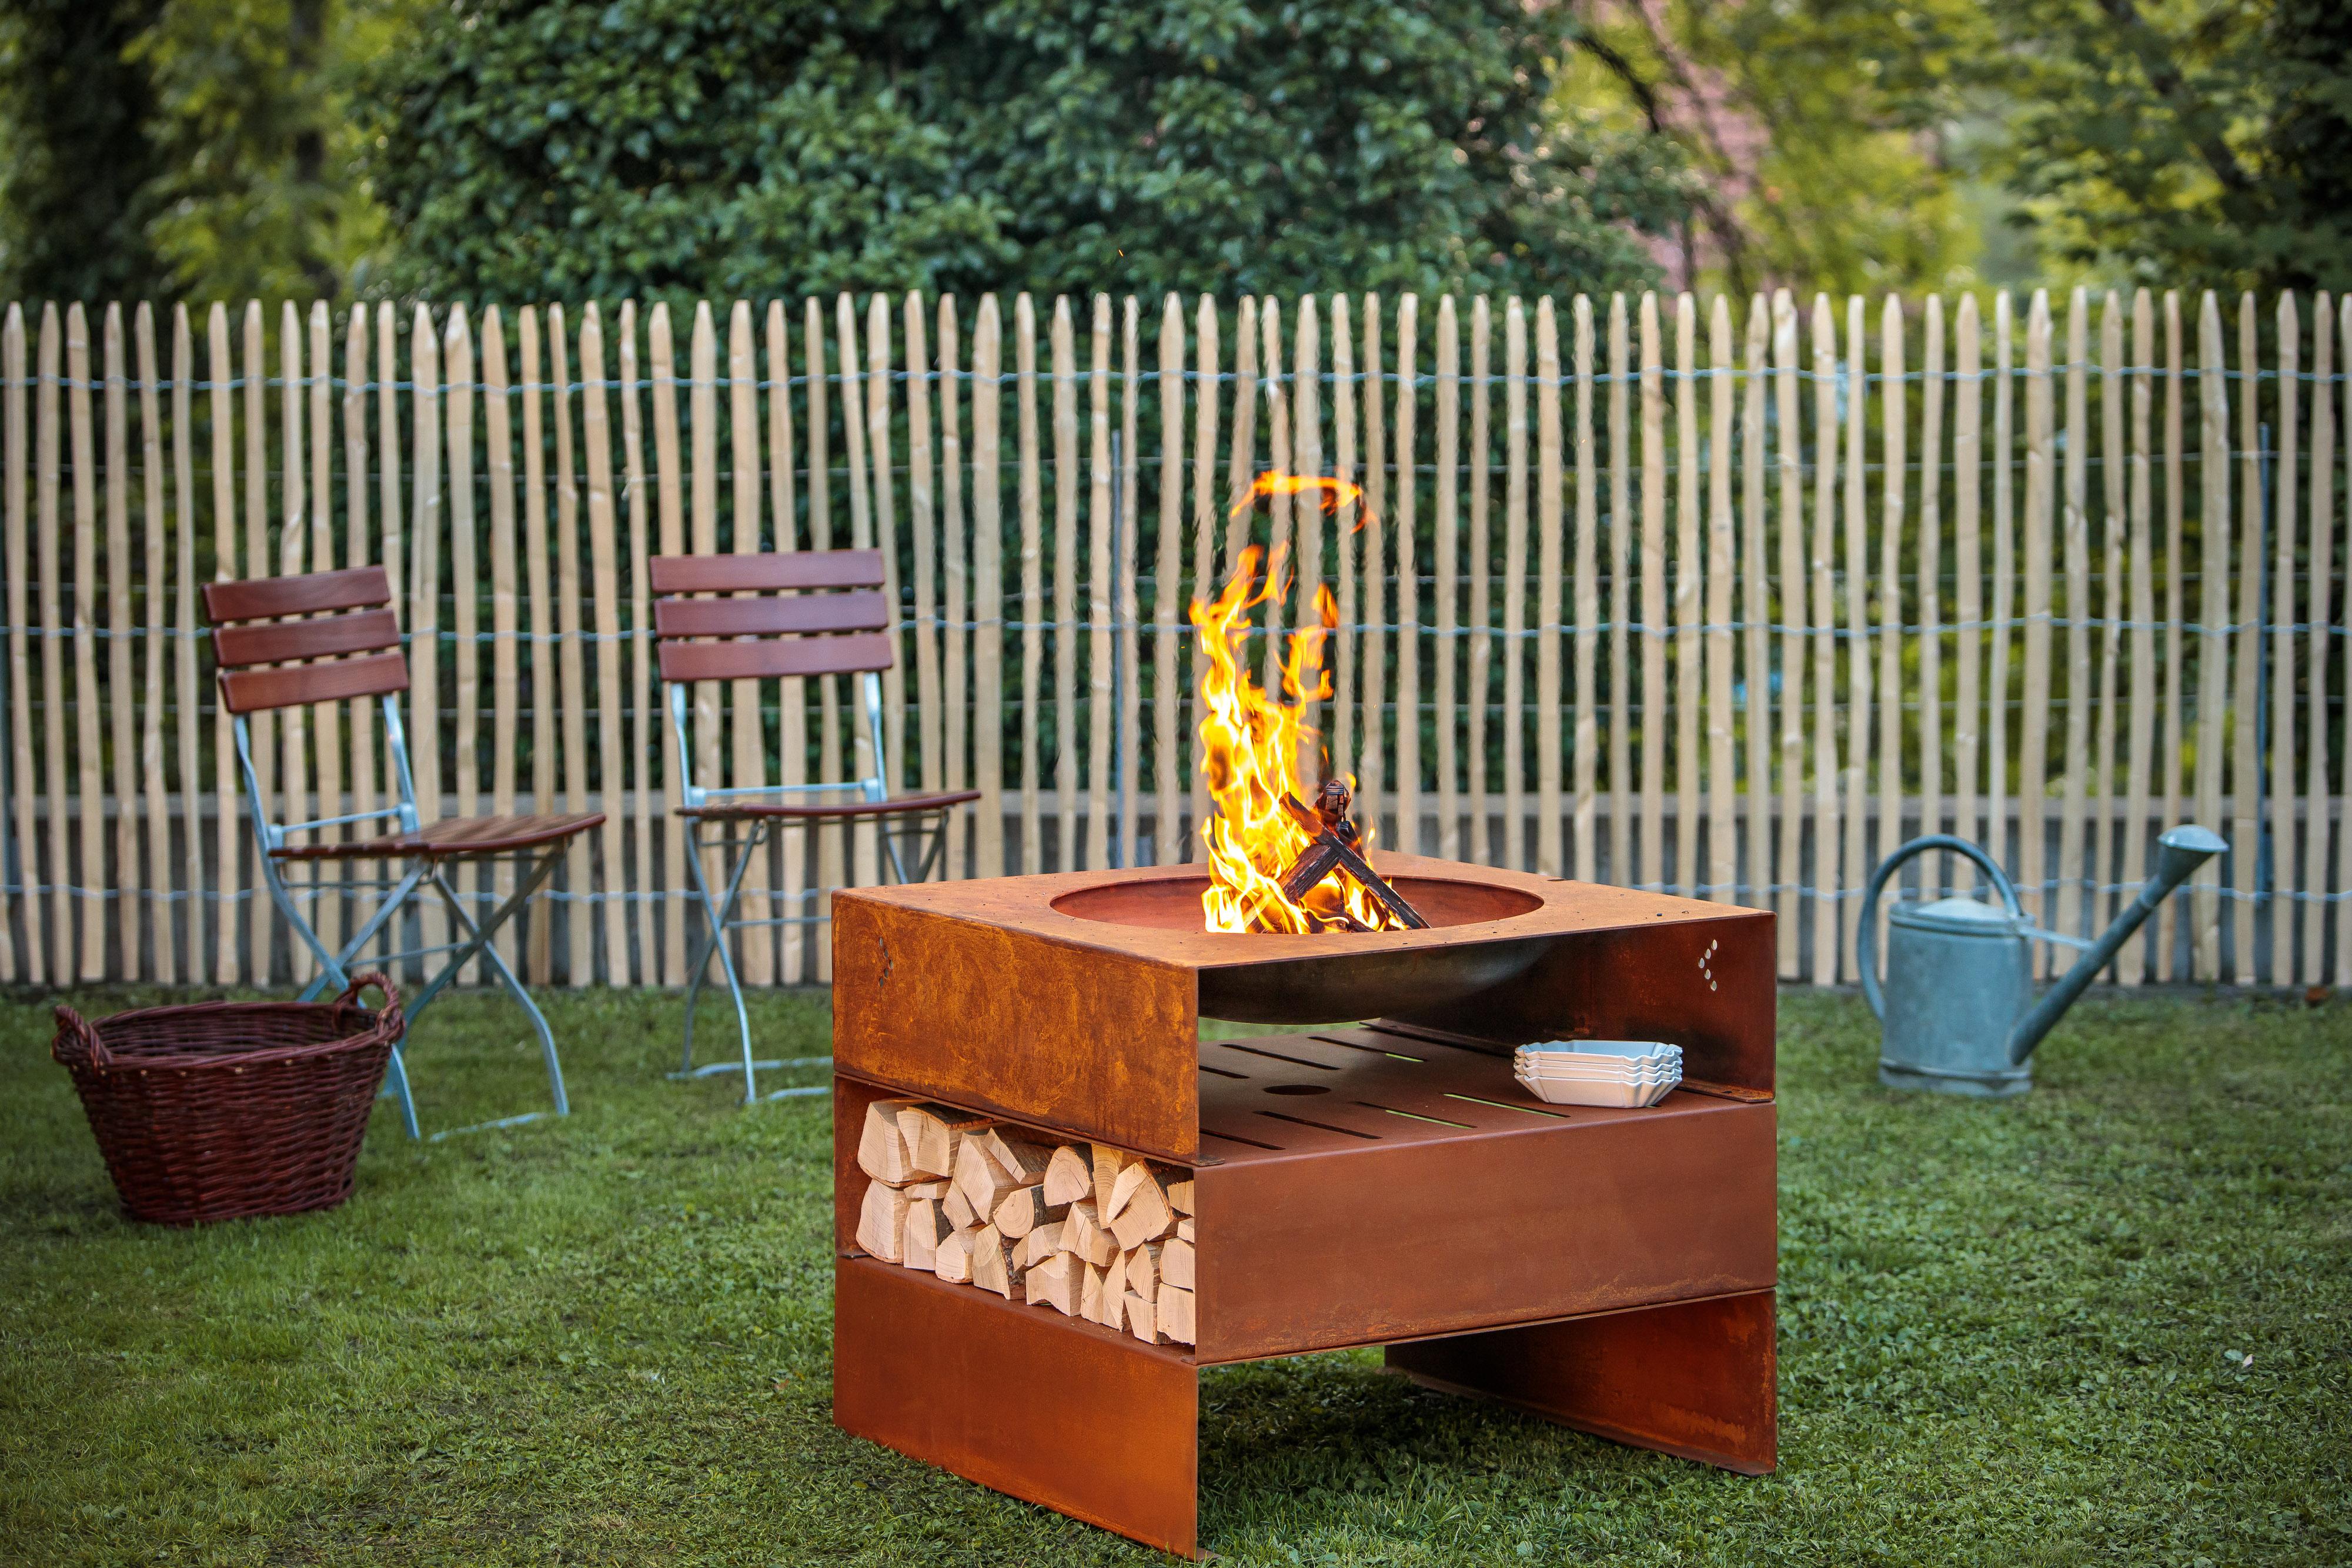 Feuerstelle Garten Rund : Tepro garten jacksonville rund feuerstelle schwarz grau a